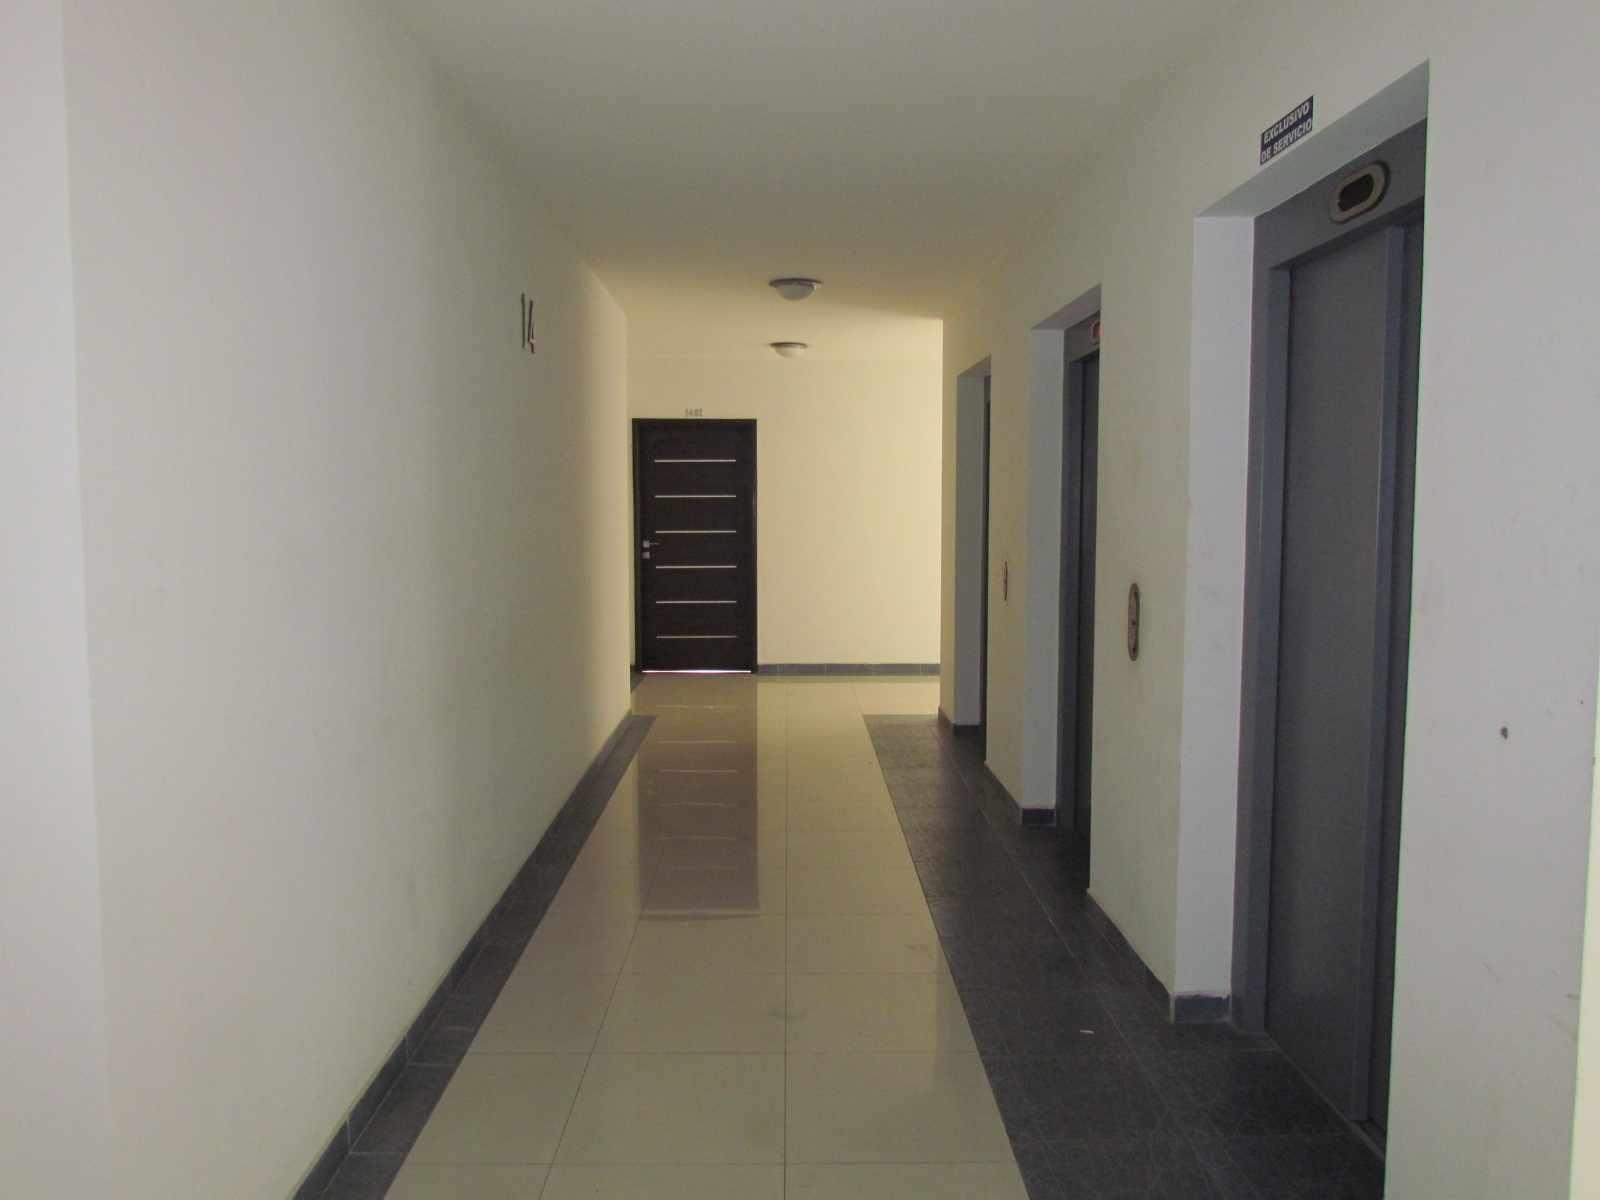 Departamento en Venta EDIF. PUNTA DEL ESTE - CALLE LIBERTAD ENTRE 1ER Y 2DO ANILLO Foto 13